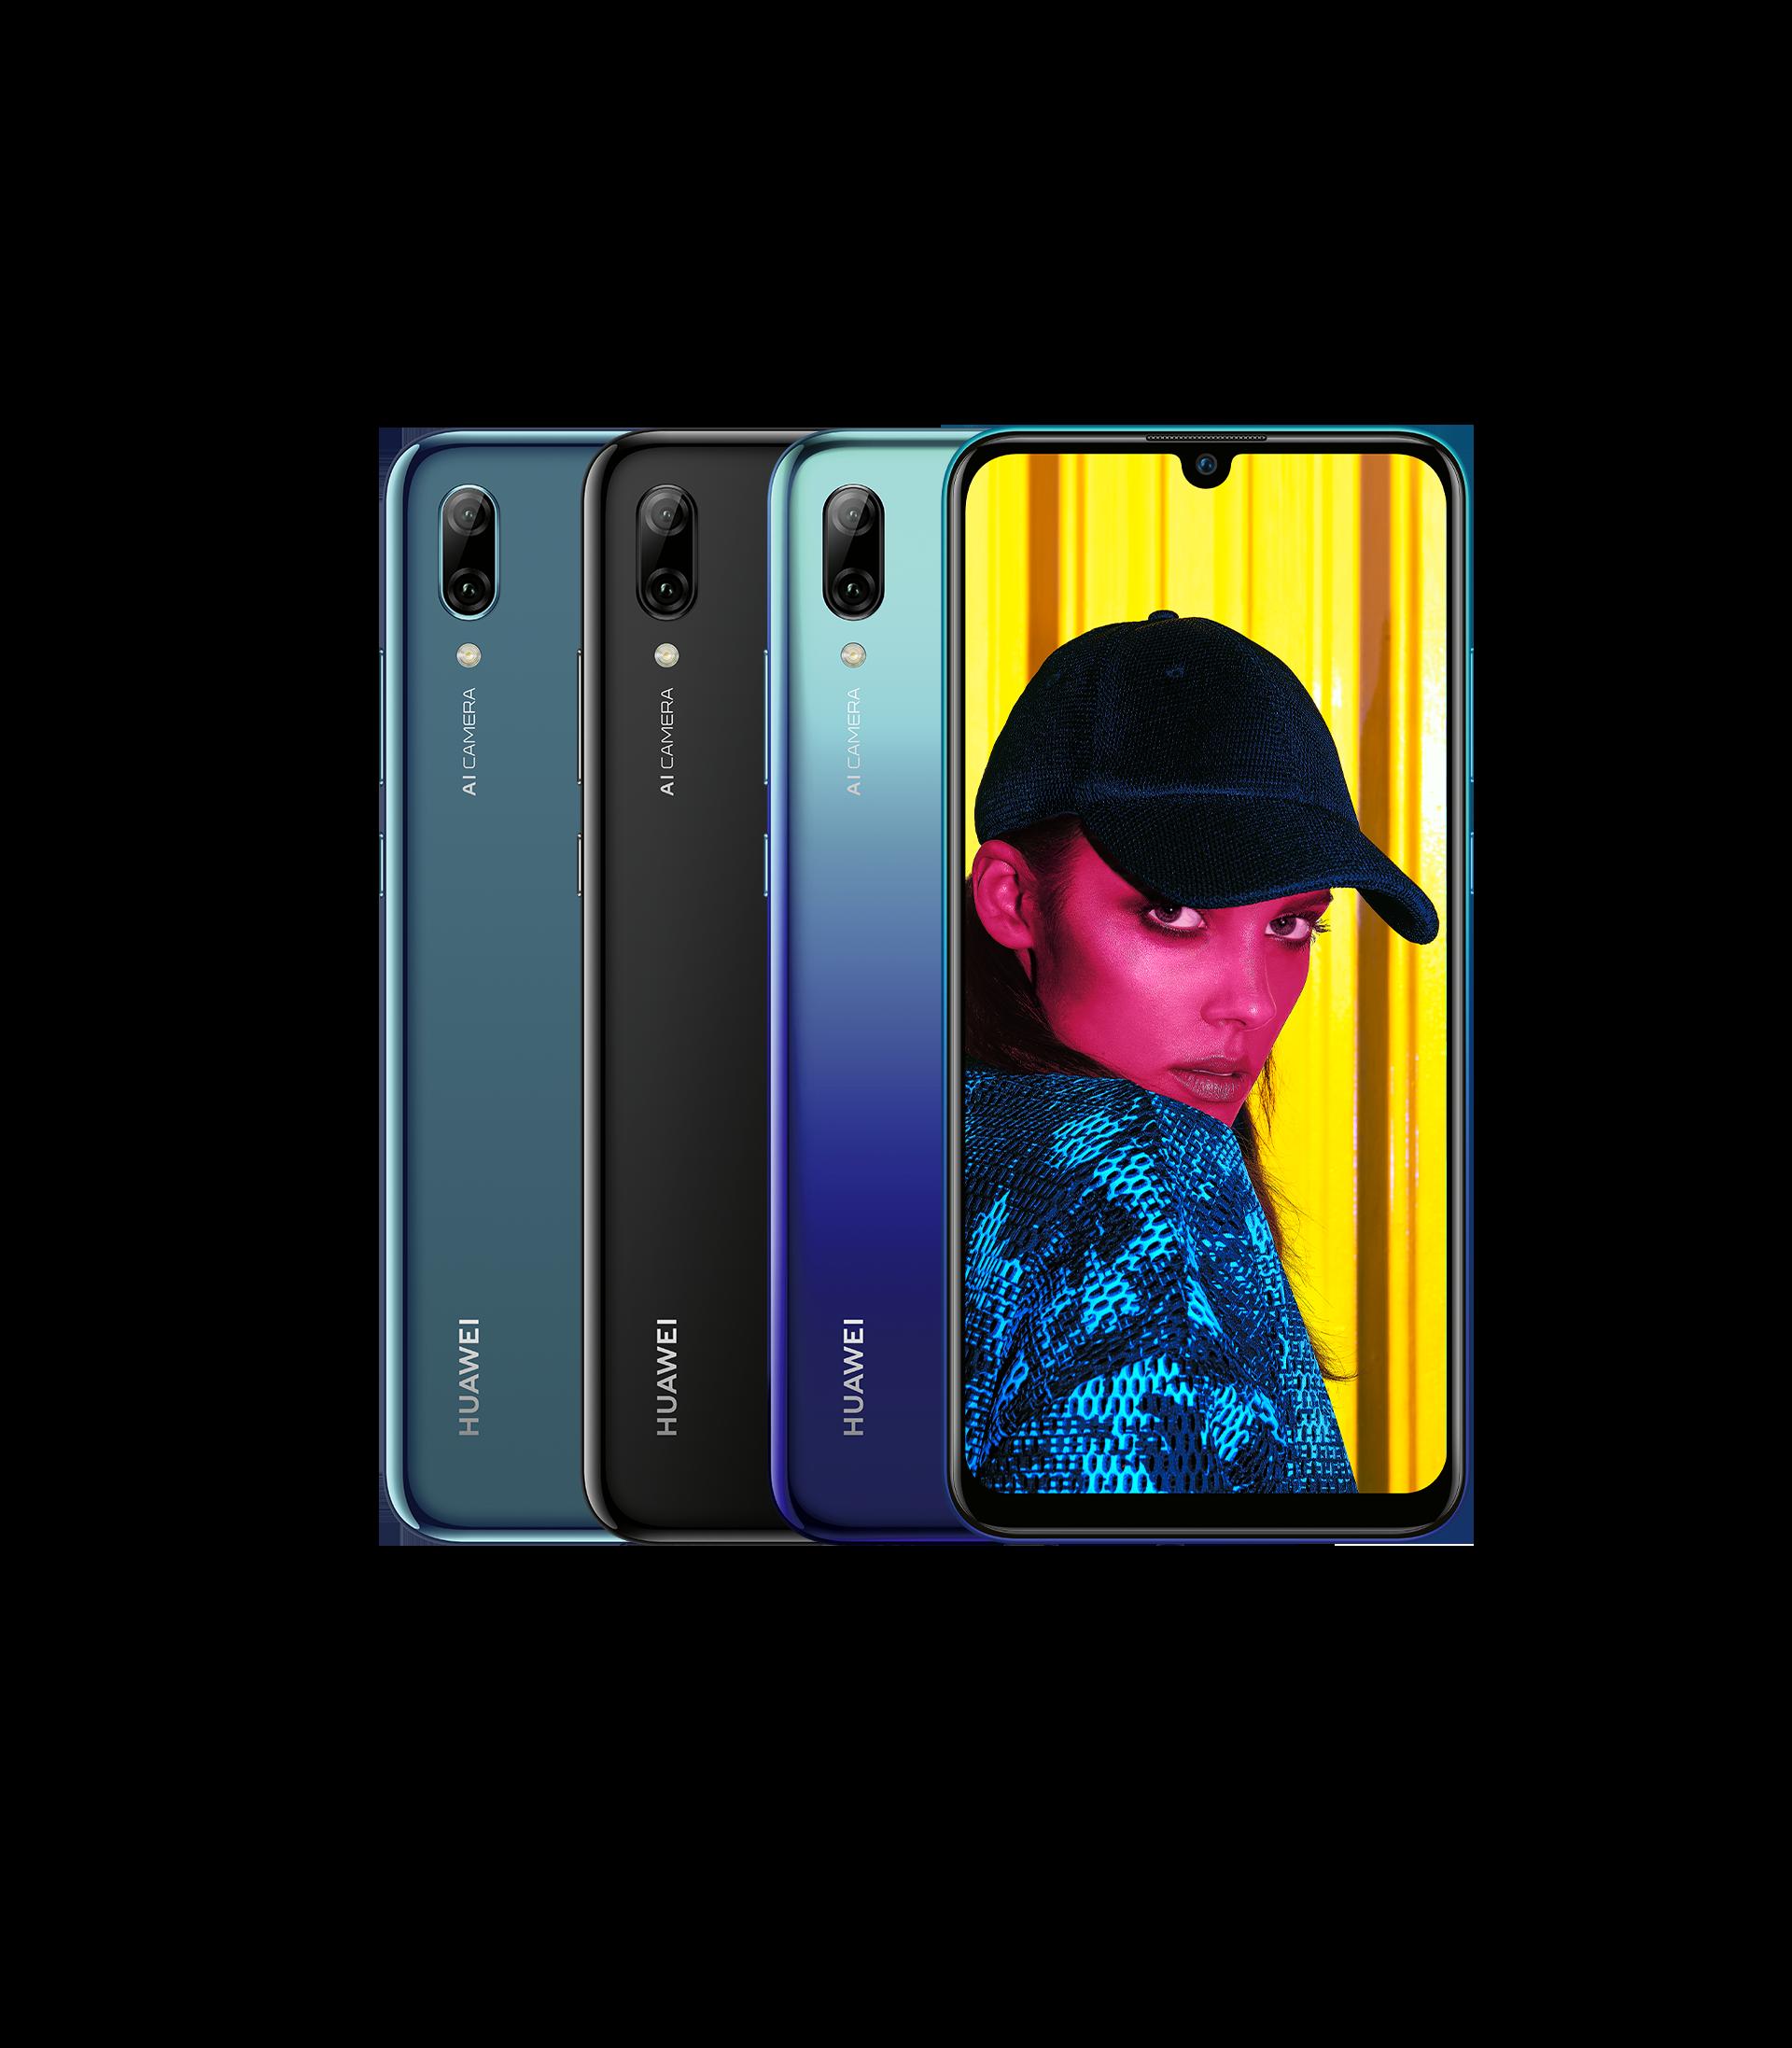 """HUAWEI P smart 2019 Smartphone in den Farben Sapphire Blue, Midnight Black Aurora Blue mit 6,21"""" FullView Display in Dewdrop-Design, Handy Vorder- und Rückseiten"""